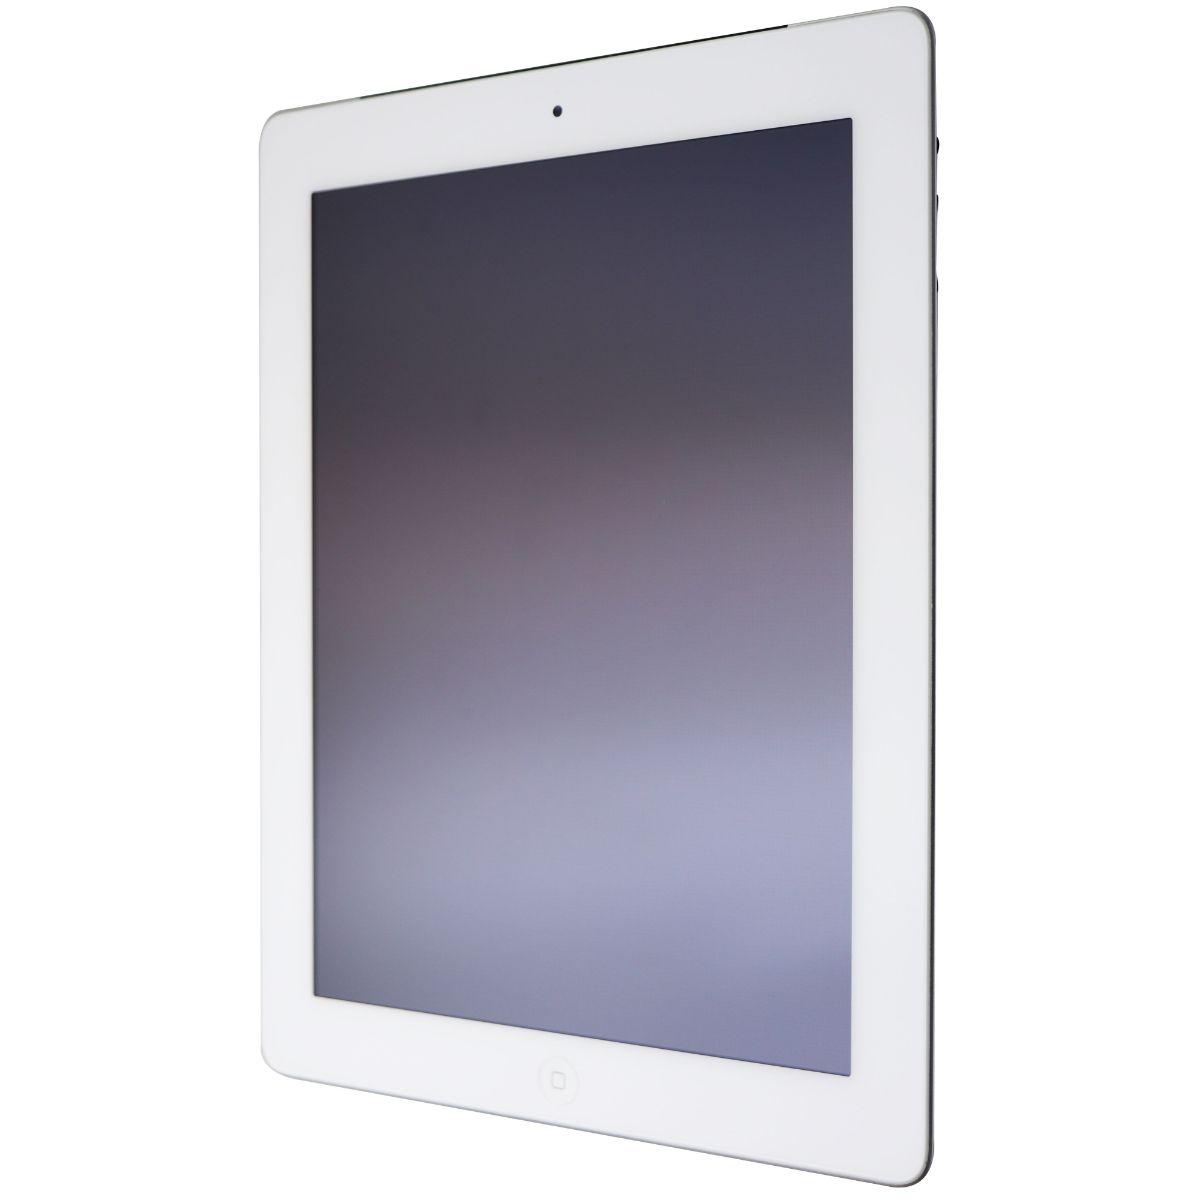 Apple iPad 9.7 (3rd Gen) A1403 (MD397LL/A) Wi-Fi + Verizon - 16GB / White